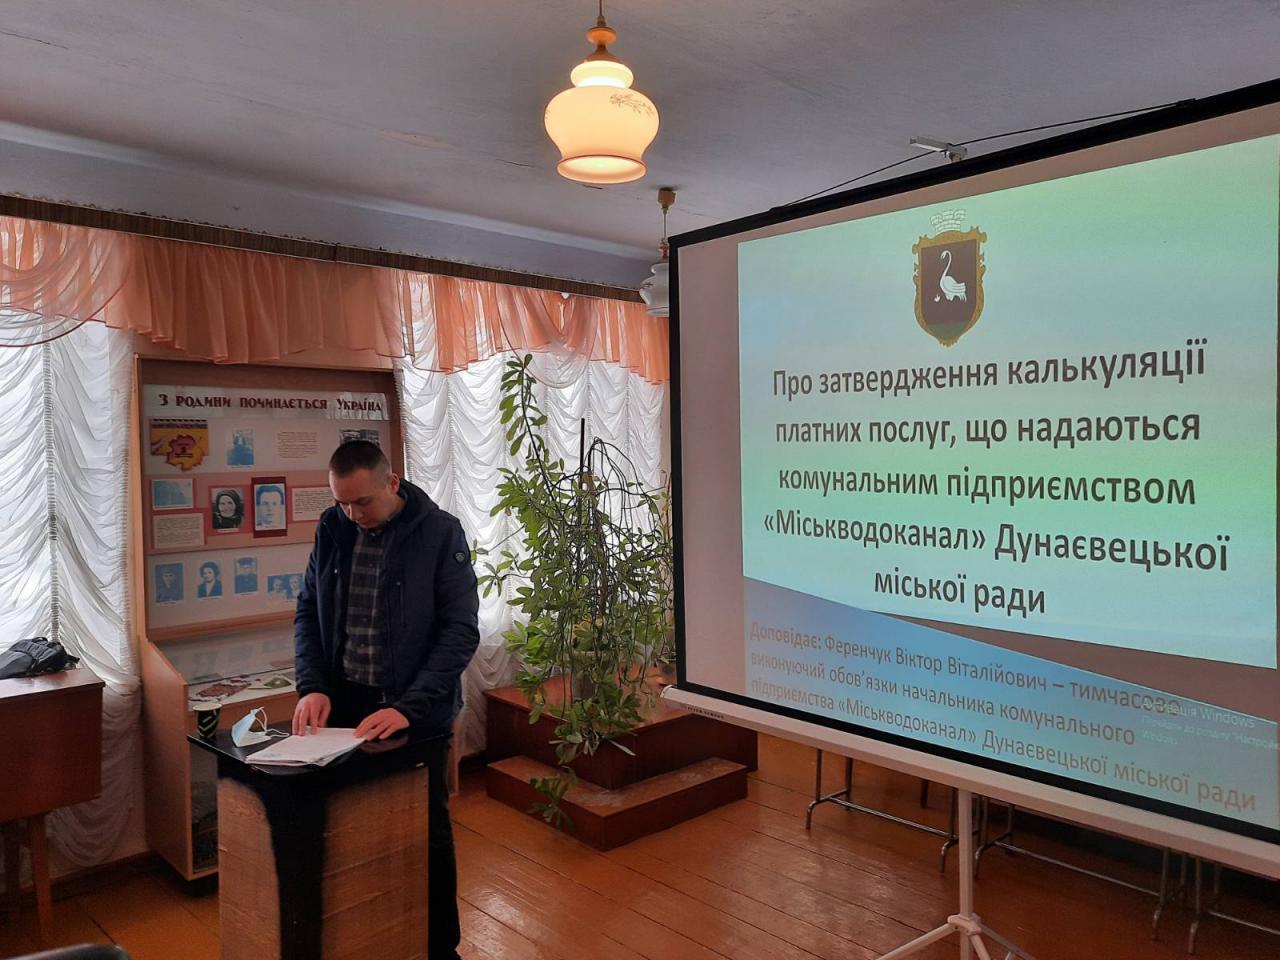 http://dunrada.gov.ua/uploadfile/archive_news/2021/02/18/2021-02-18_8886/images/images-31010.jpg